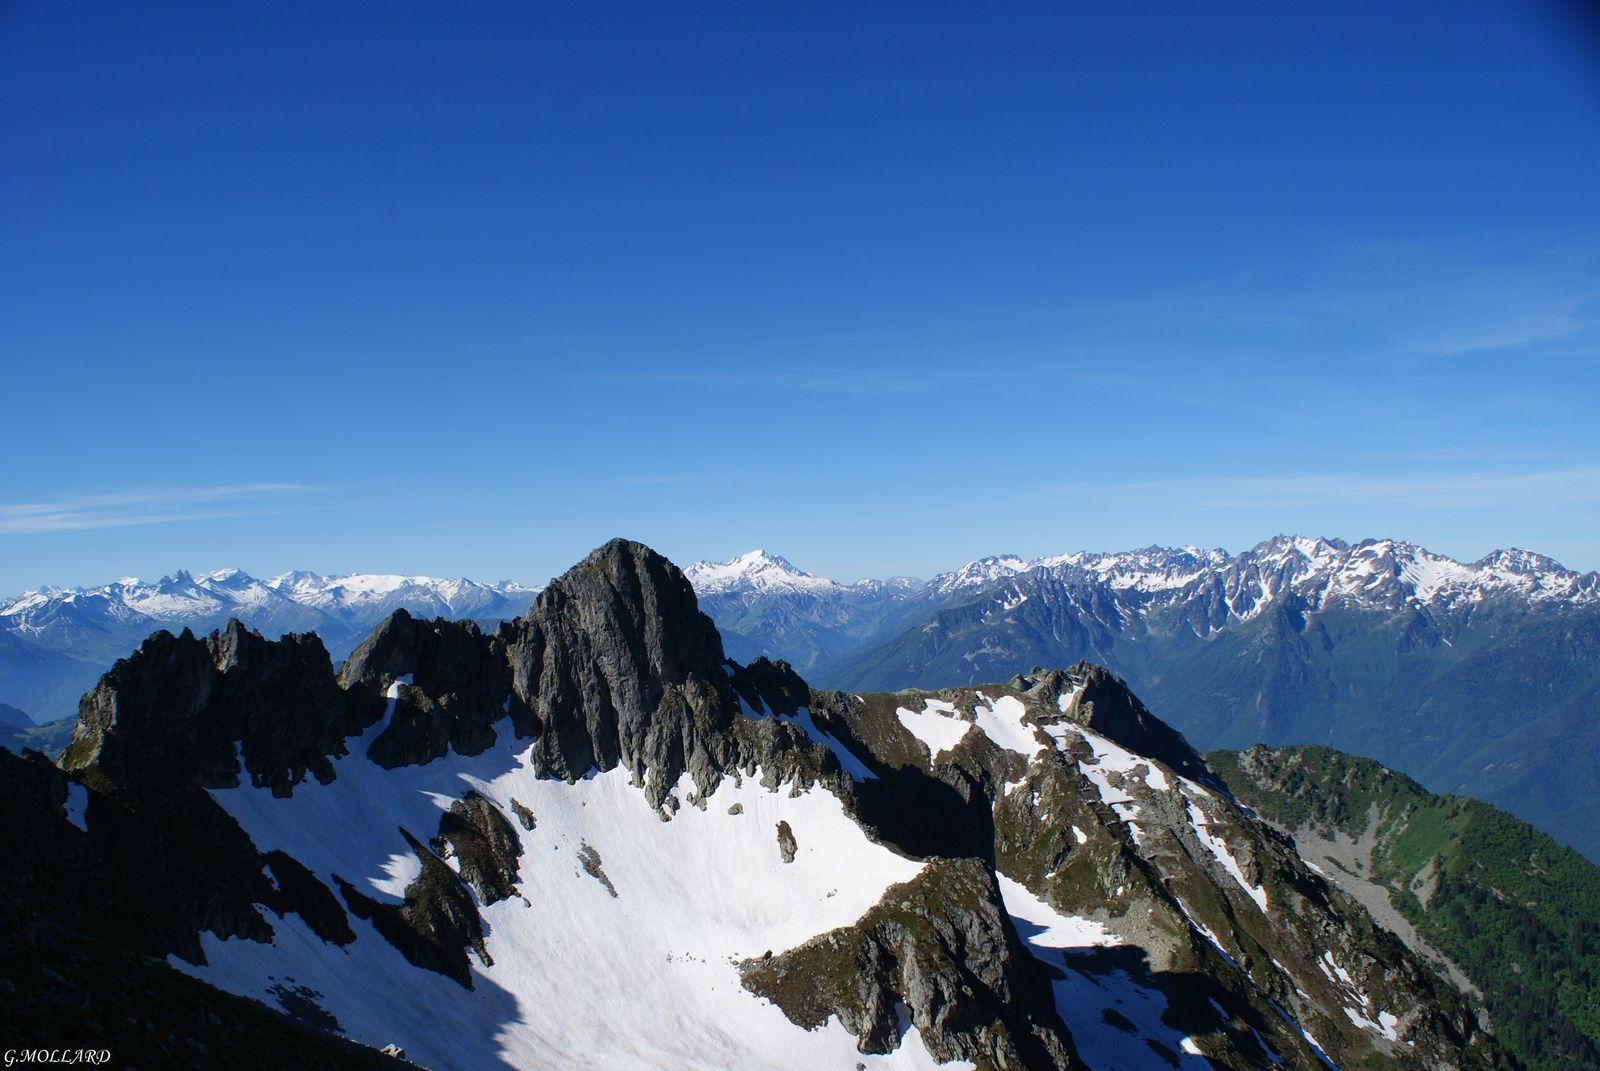 le mont joie et la chaine de Belledonne en fond.